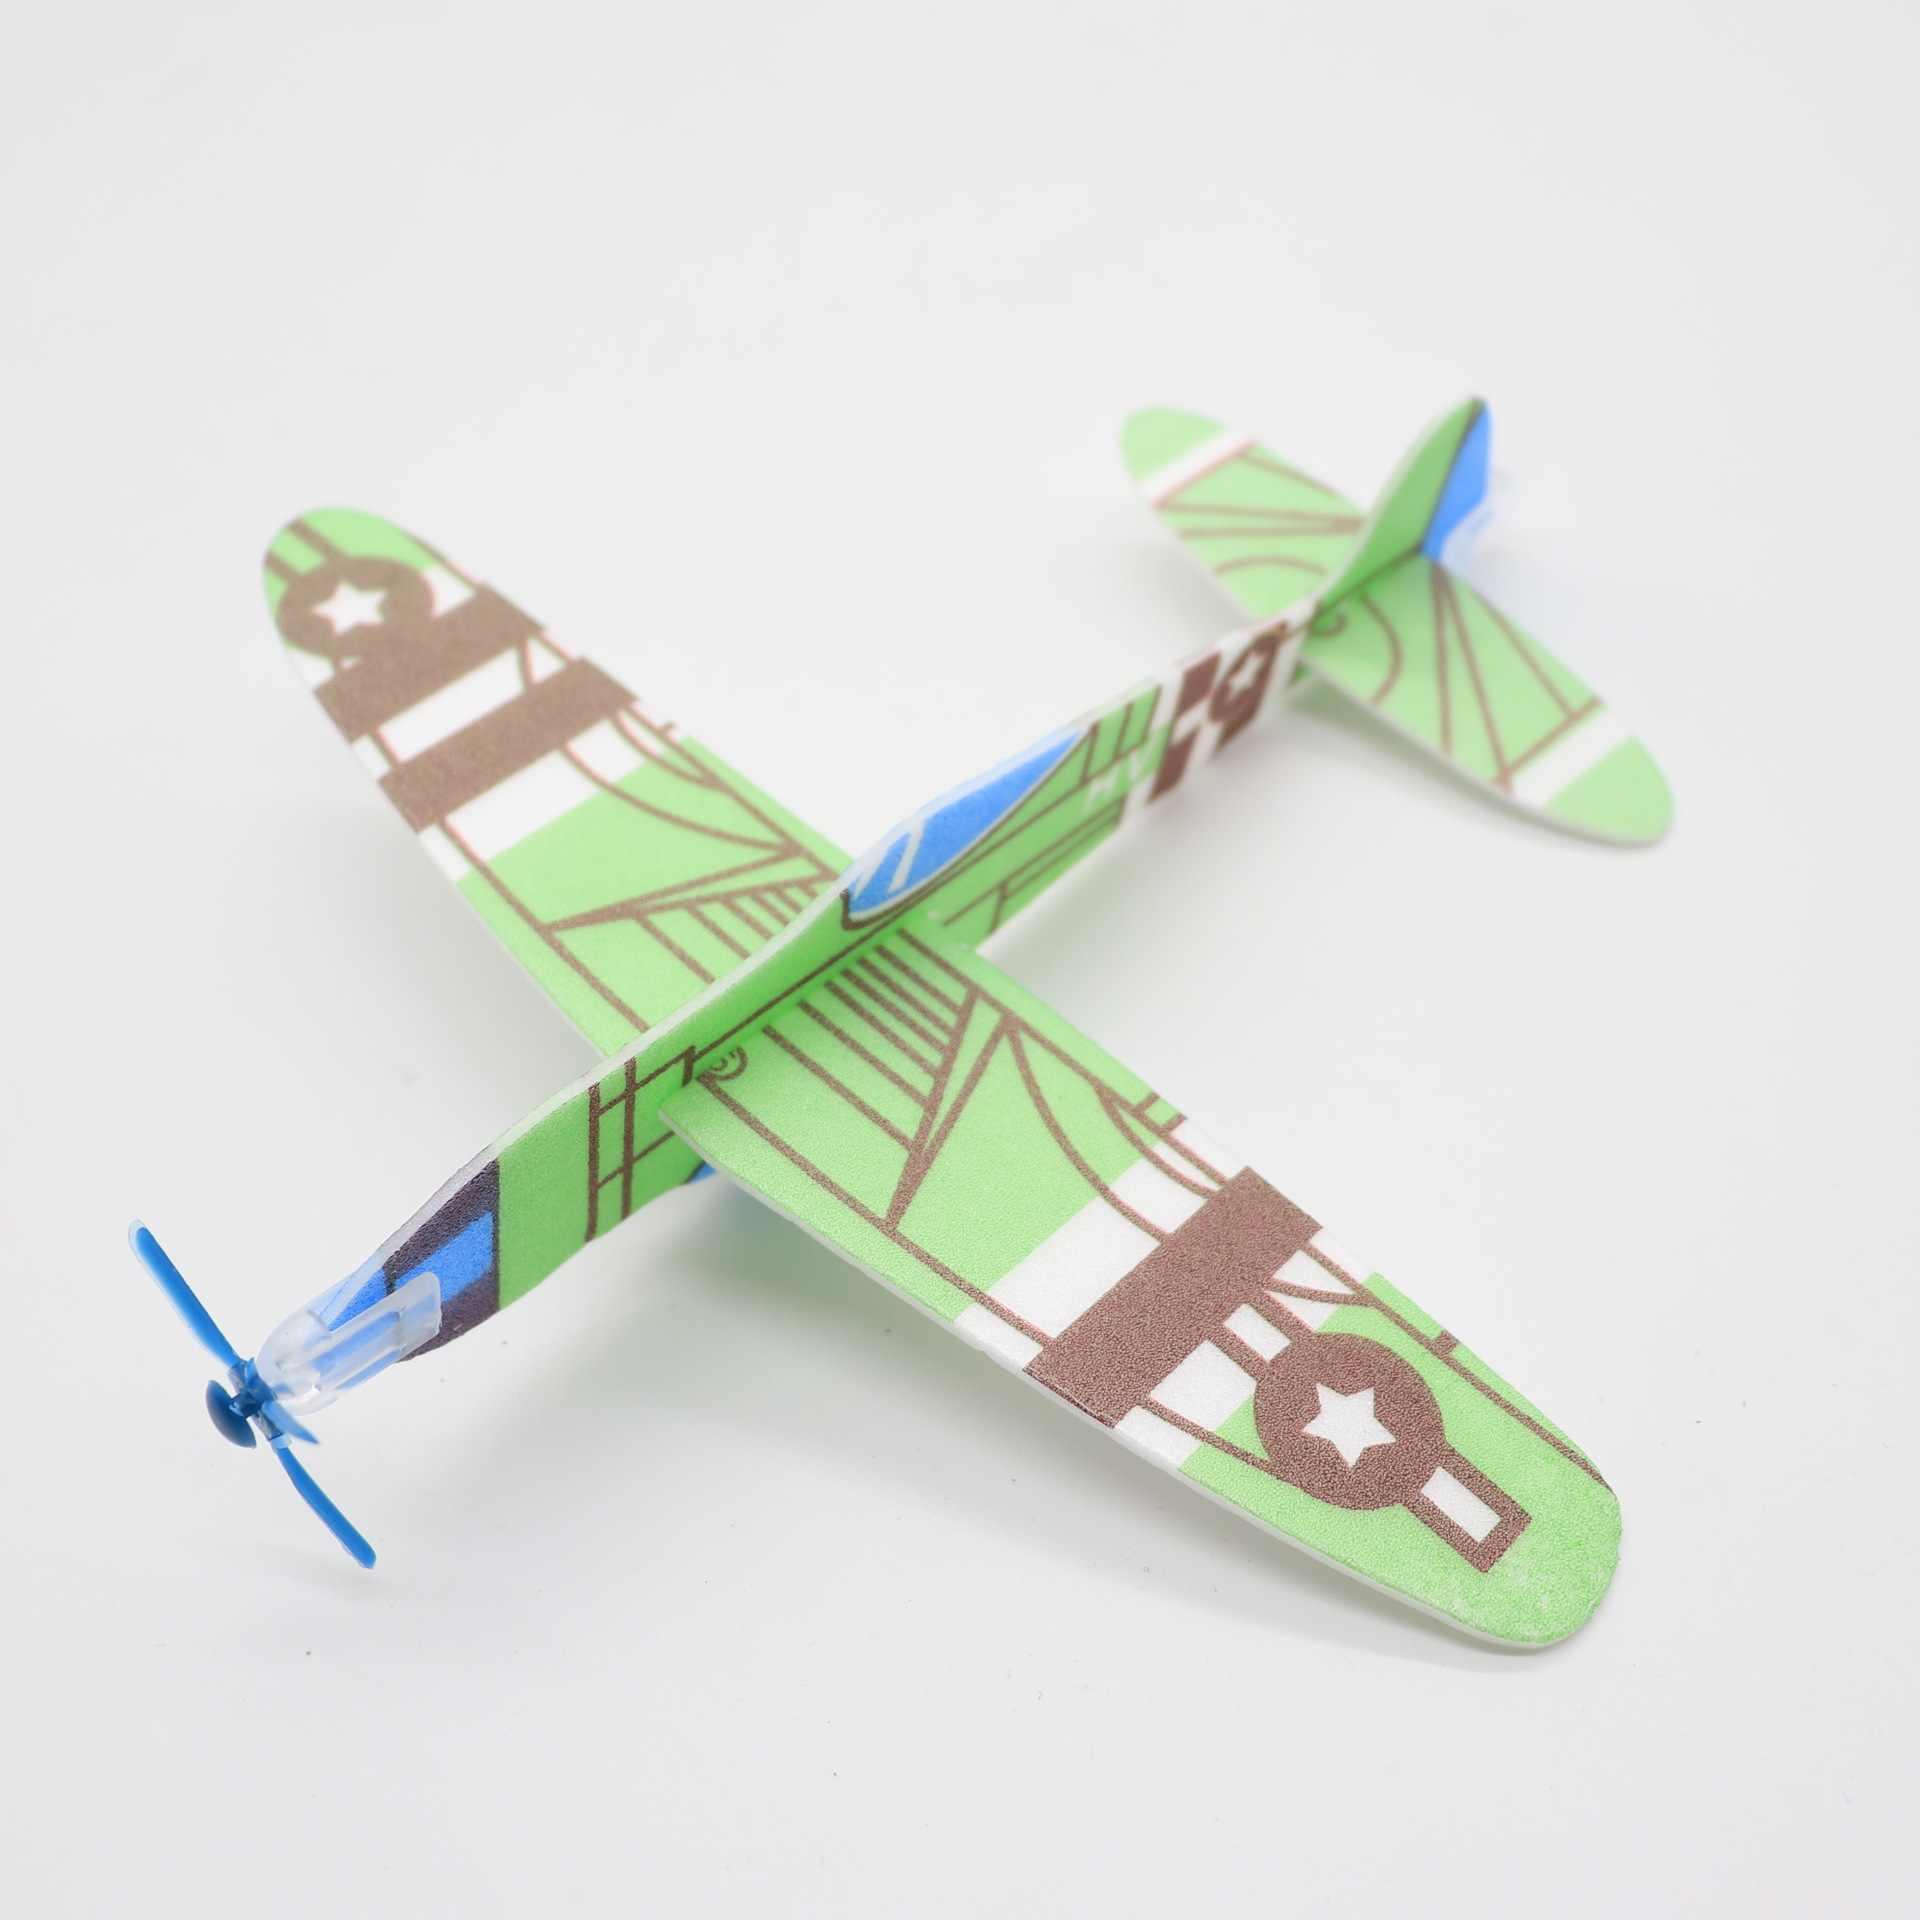 4 ชิ้น/เซ็ตDIYเด็กมินิโฟมHandmadeโยนเครื่องบินบินเครื่องบินเครื่องร่อนเด็กการศึกษาปริศนาของเล่นของขวัญ